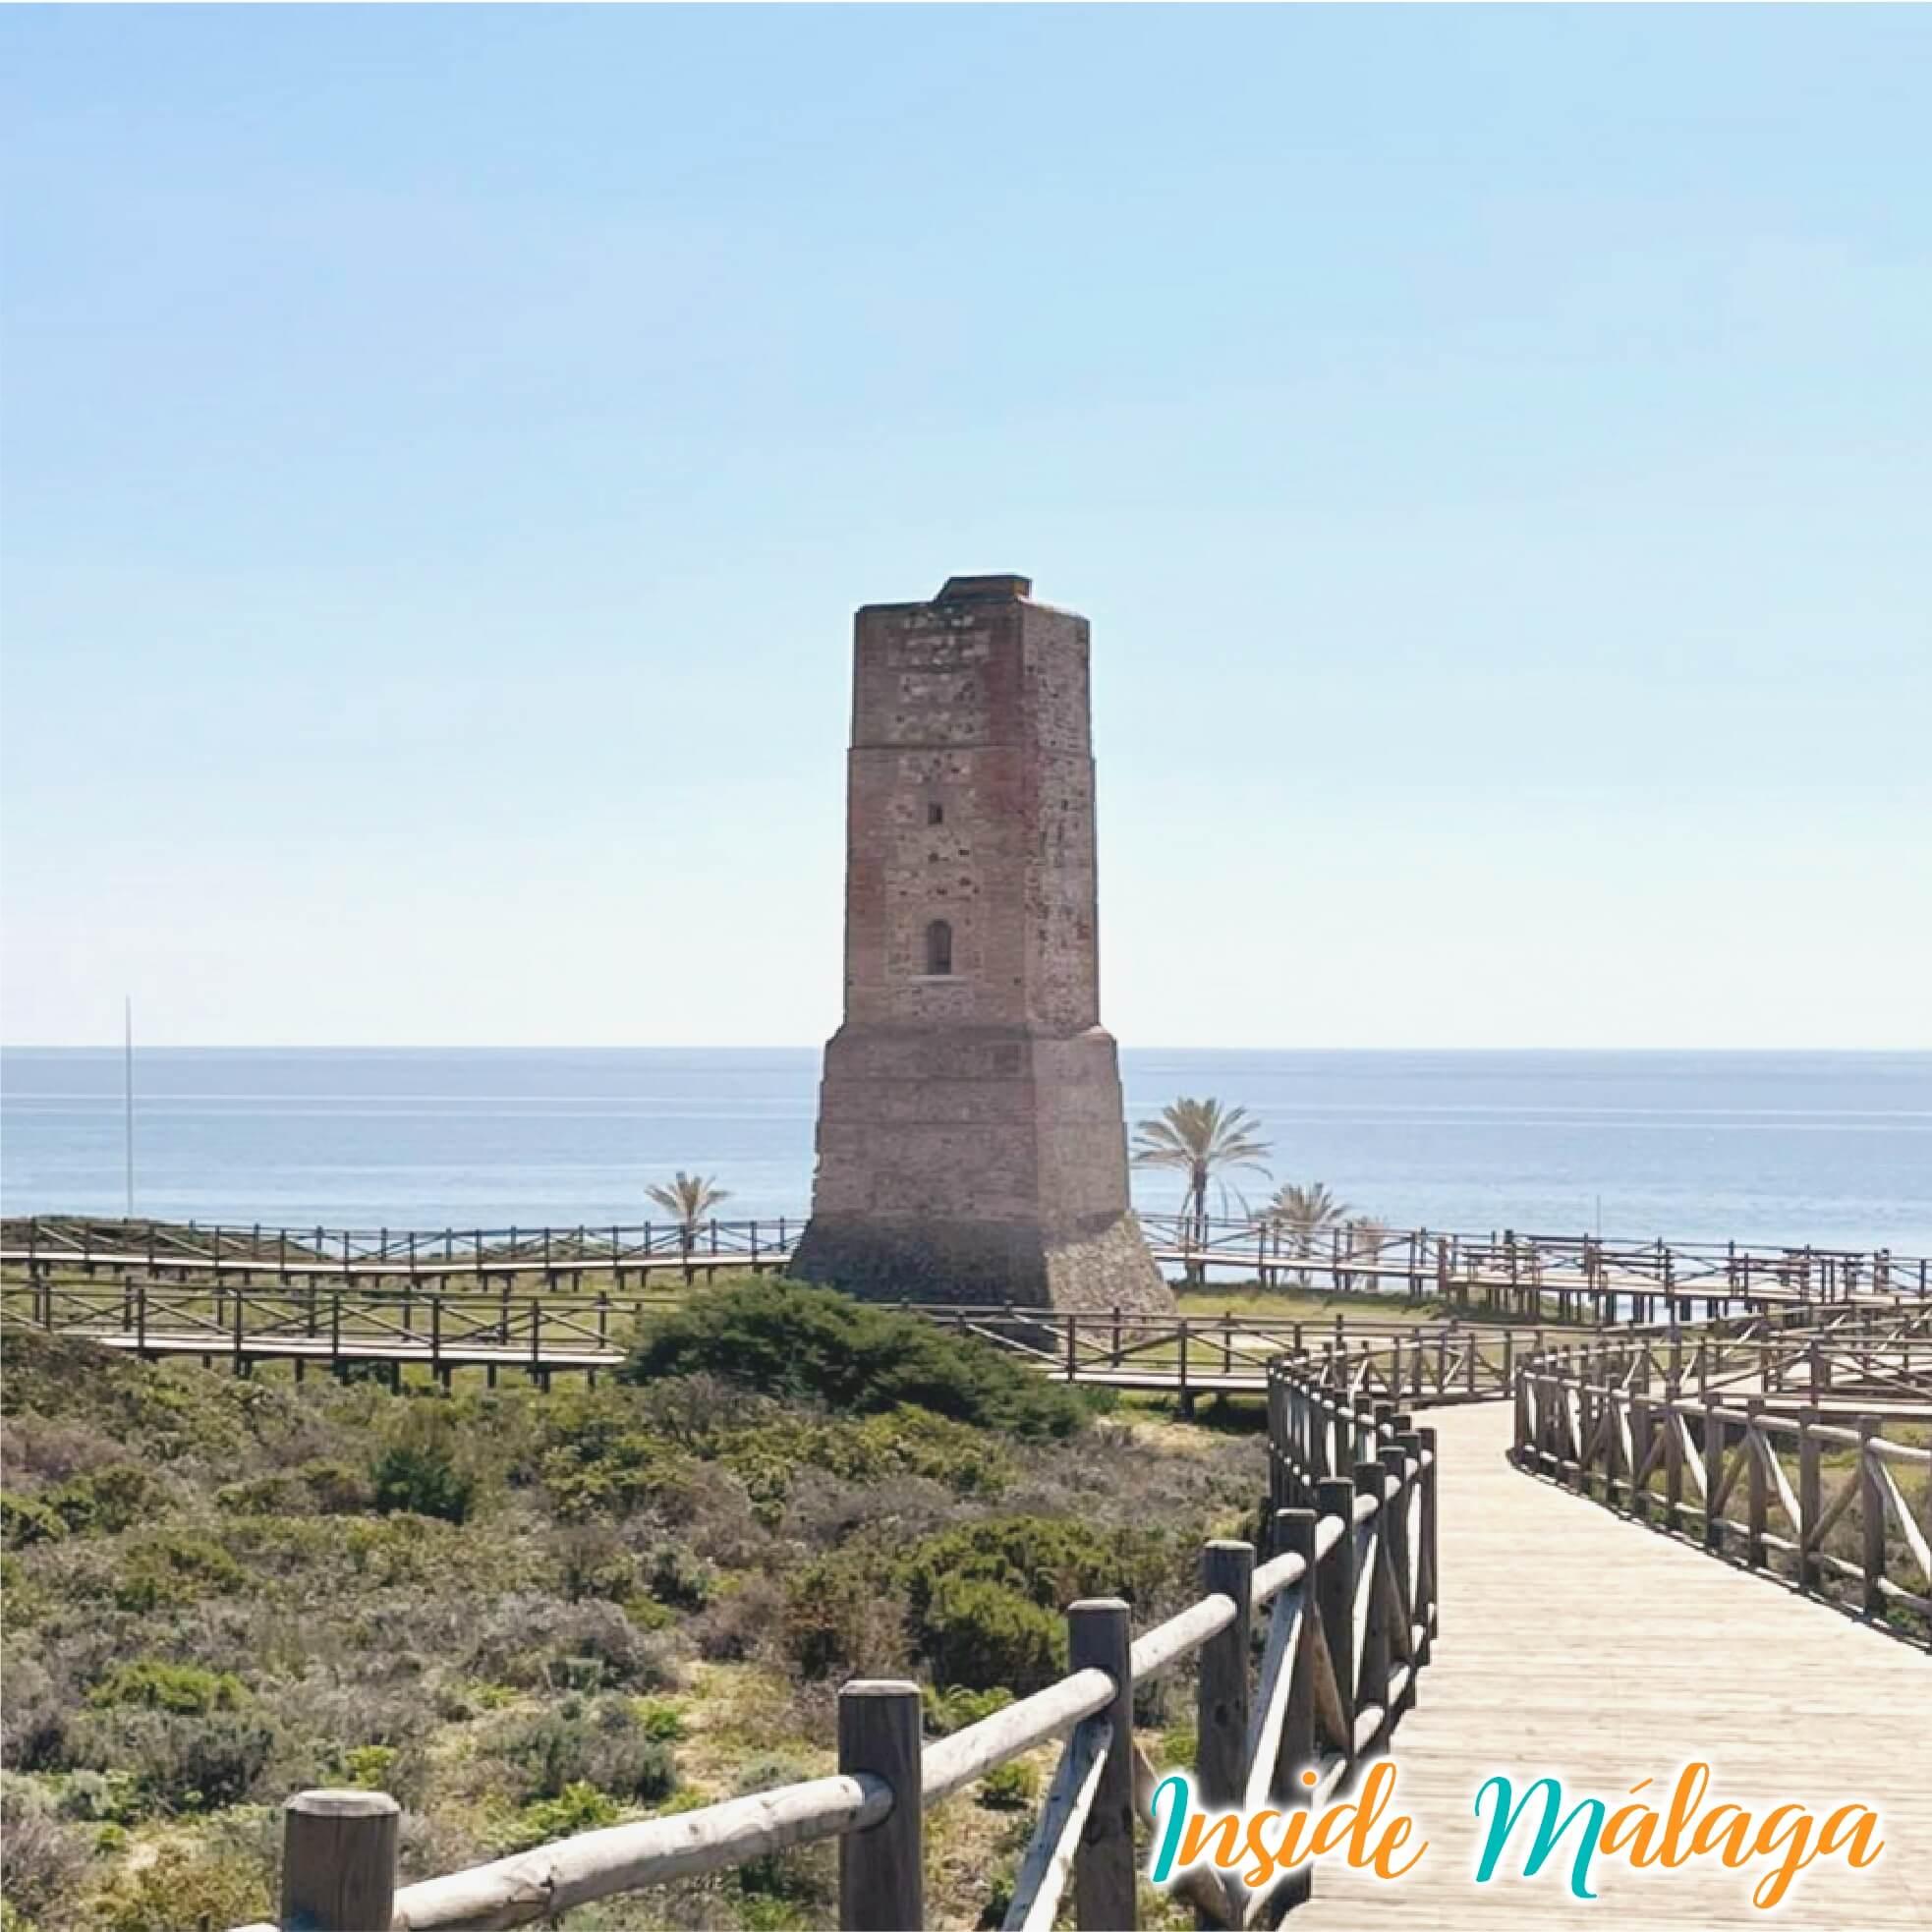 Torre Ladrones Marbella Malaga